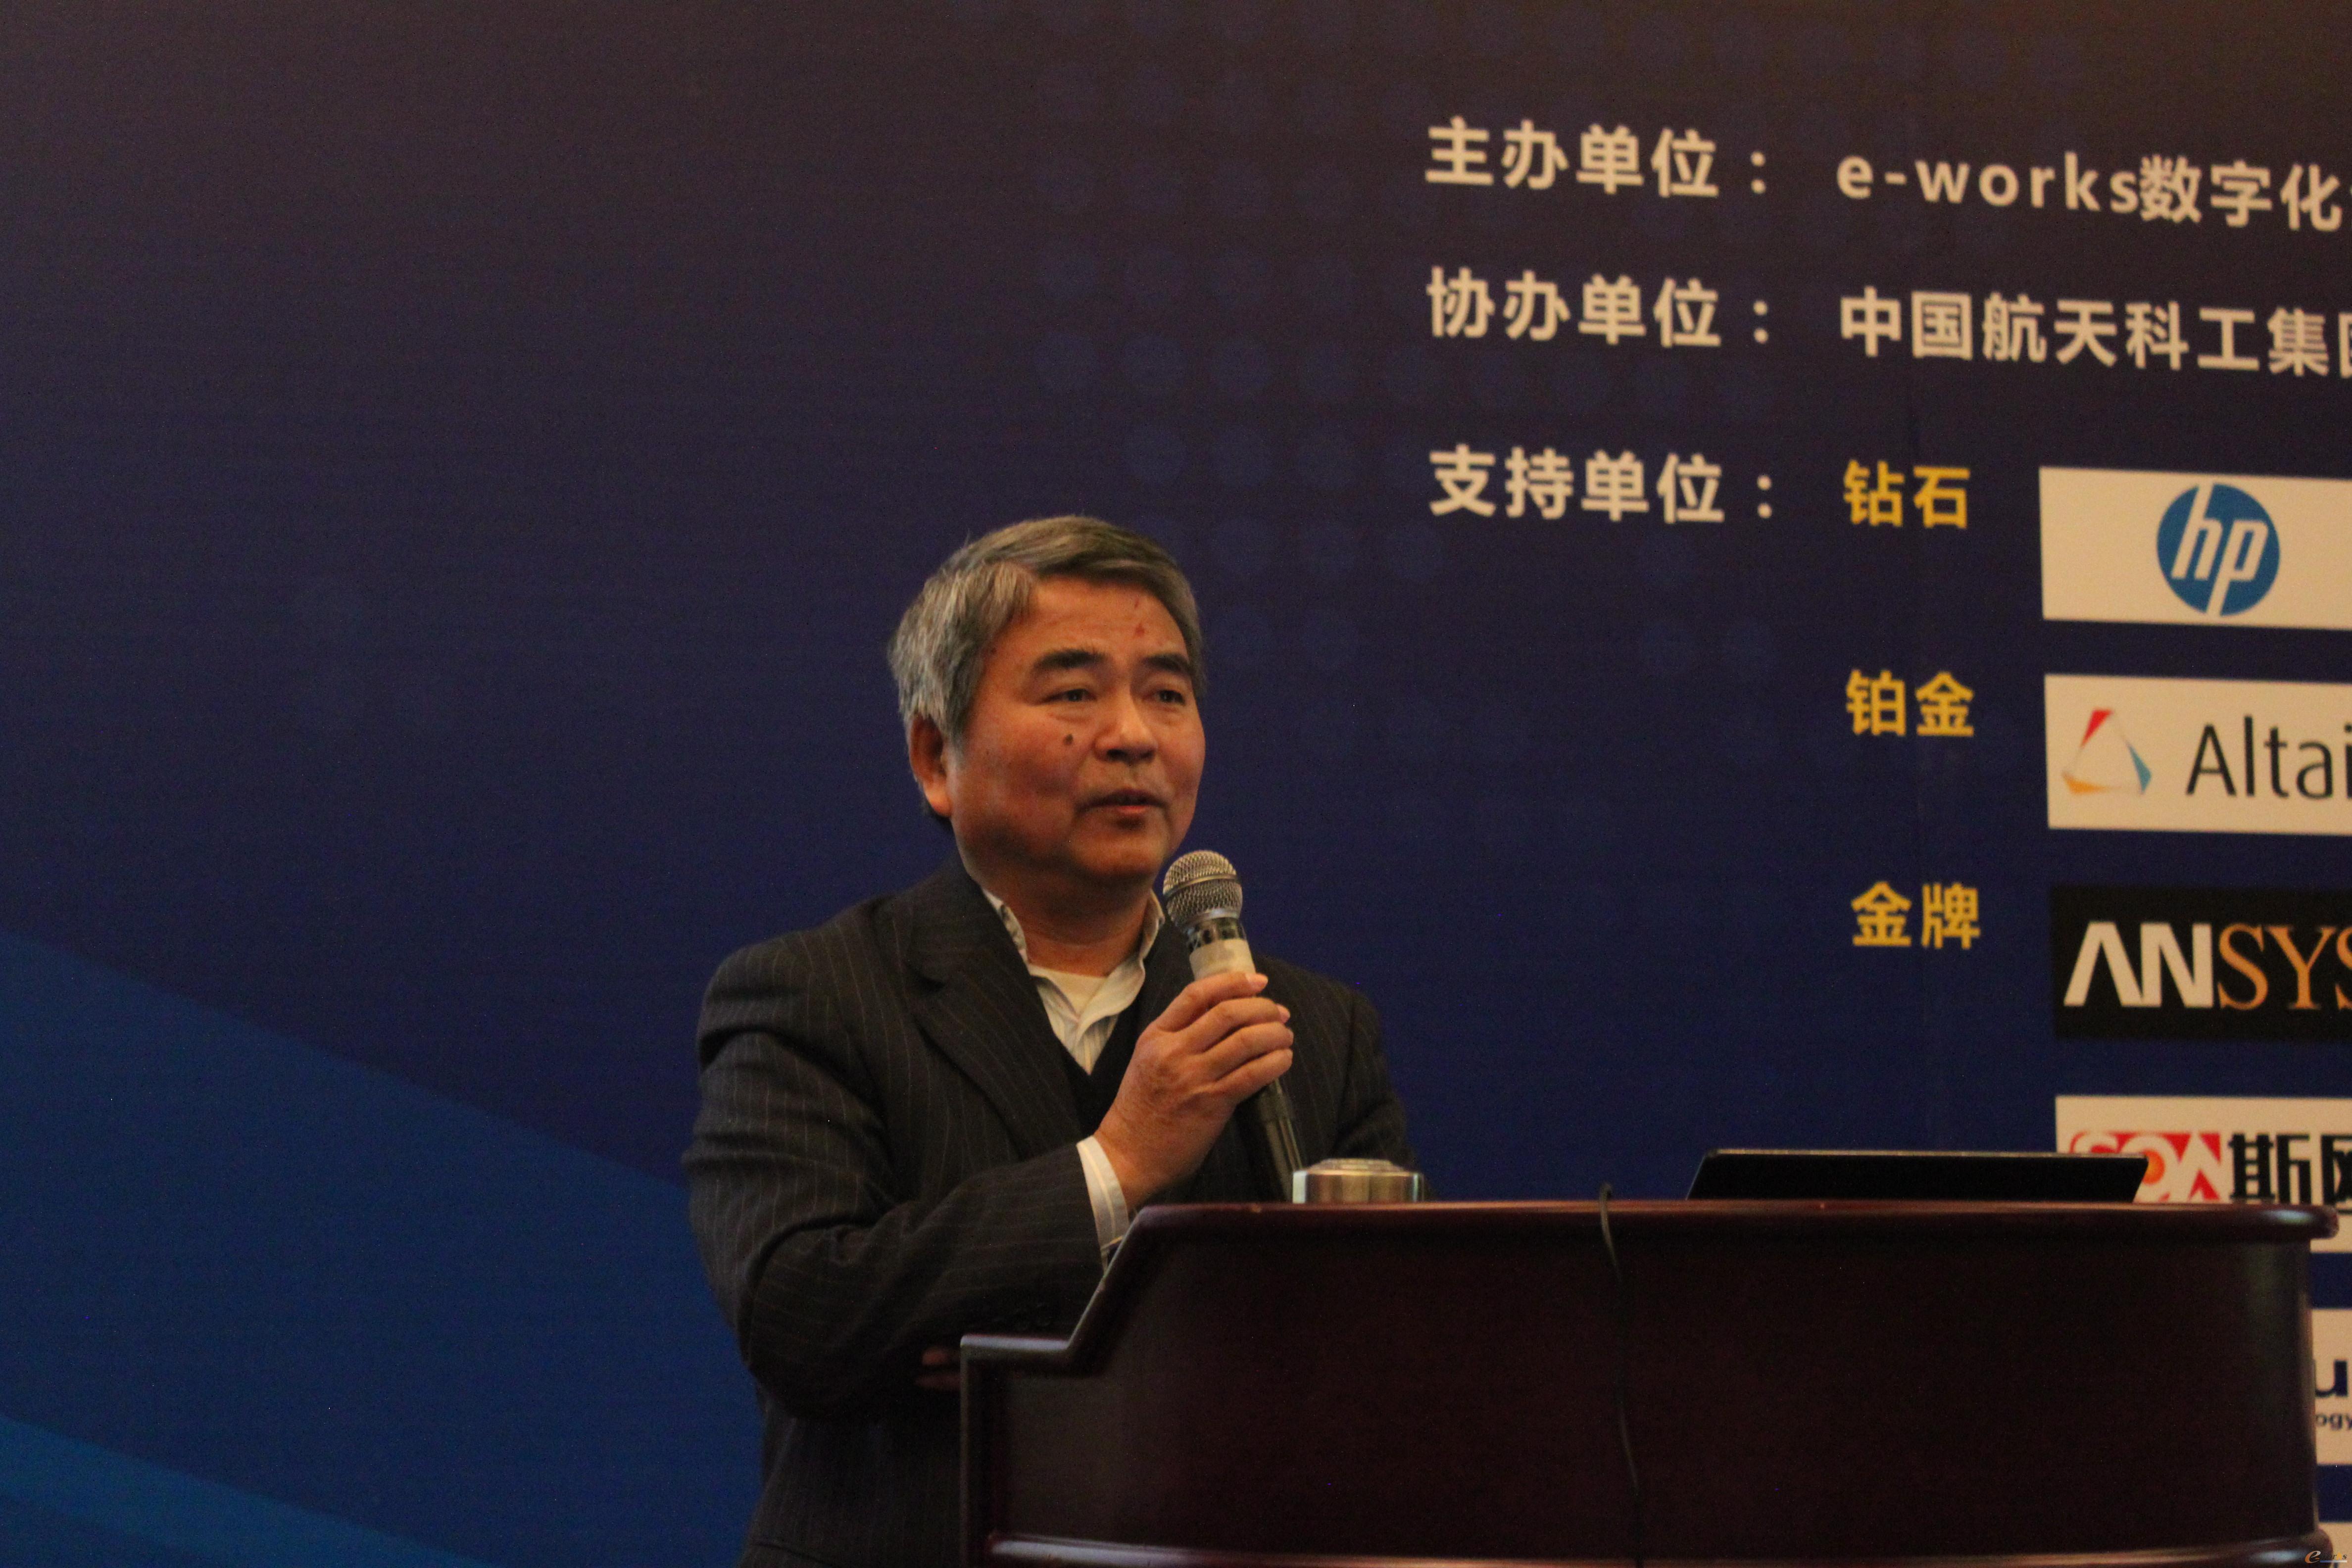 中国工程院院士浙江大学谭建荣教授发表主题演讲